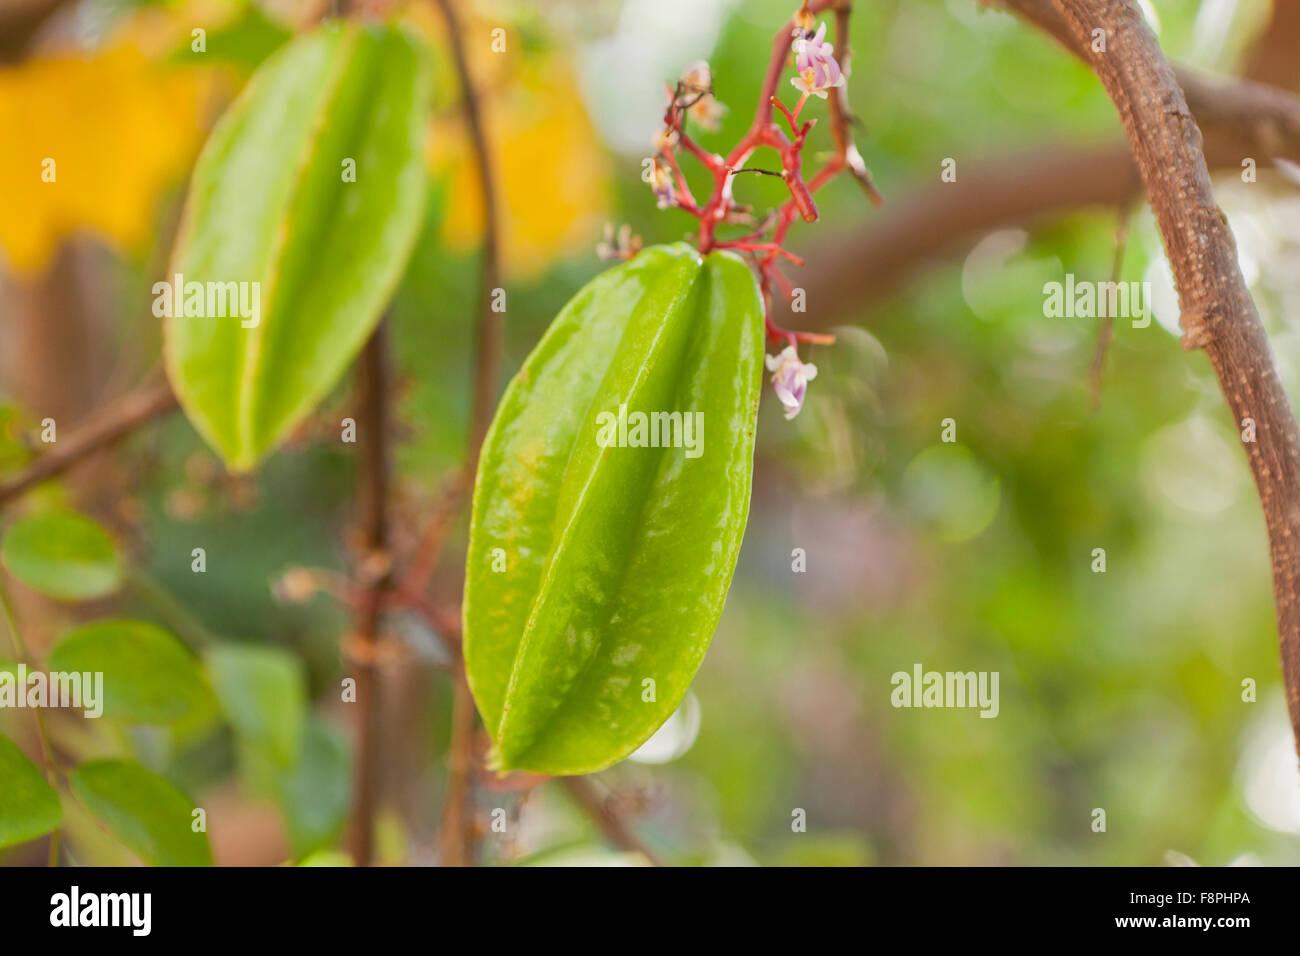 Carambola, AKA starfruit (Averrhoa carambola) on tree Stock Photo